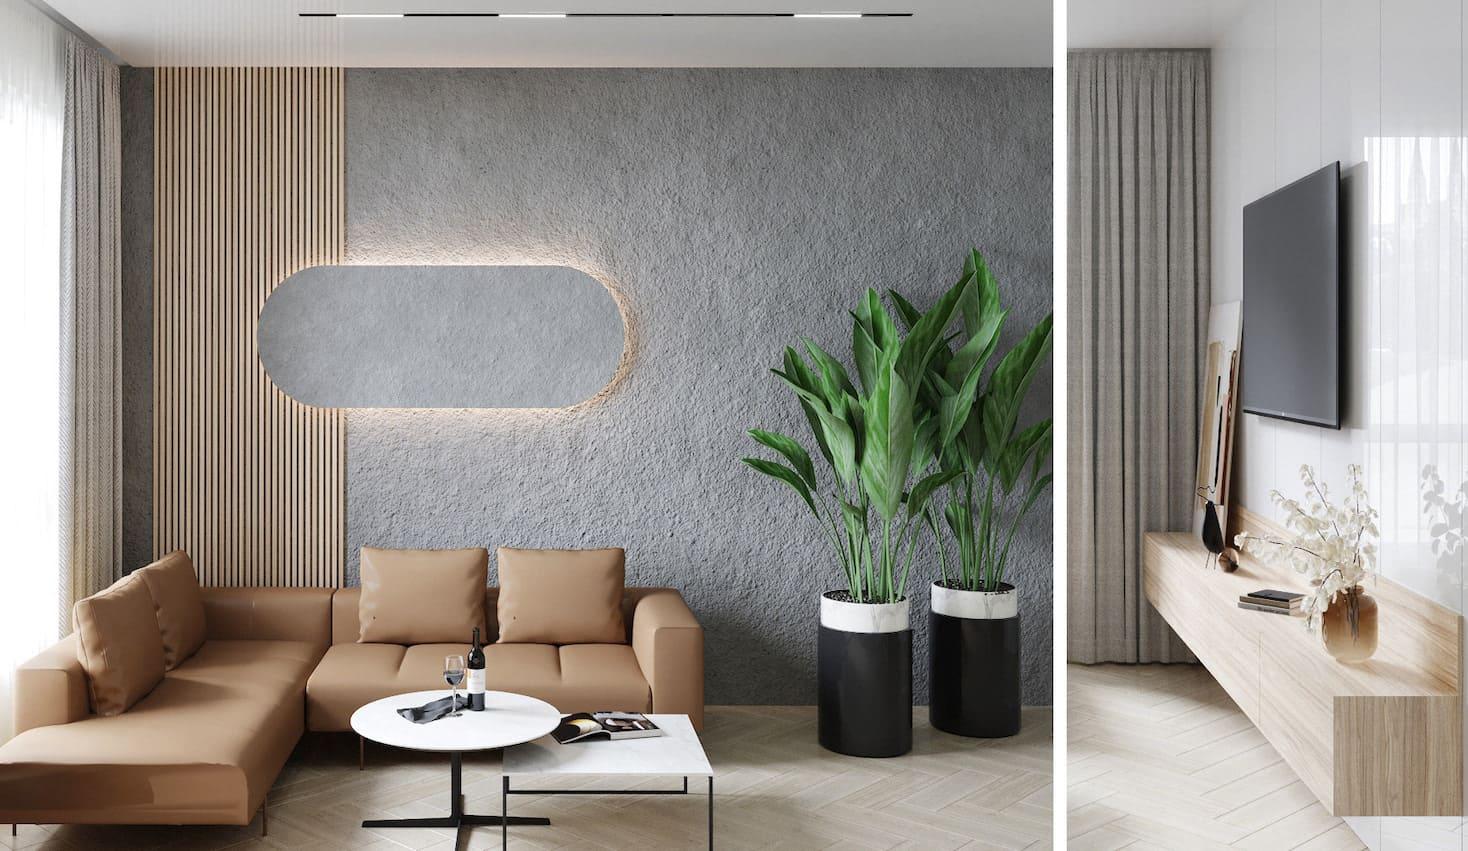 дизайн интерьера гостиной фото 12